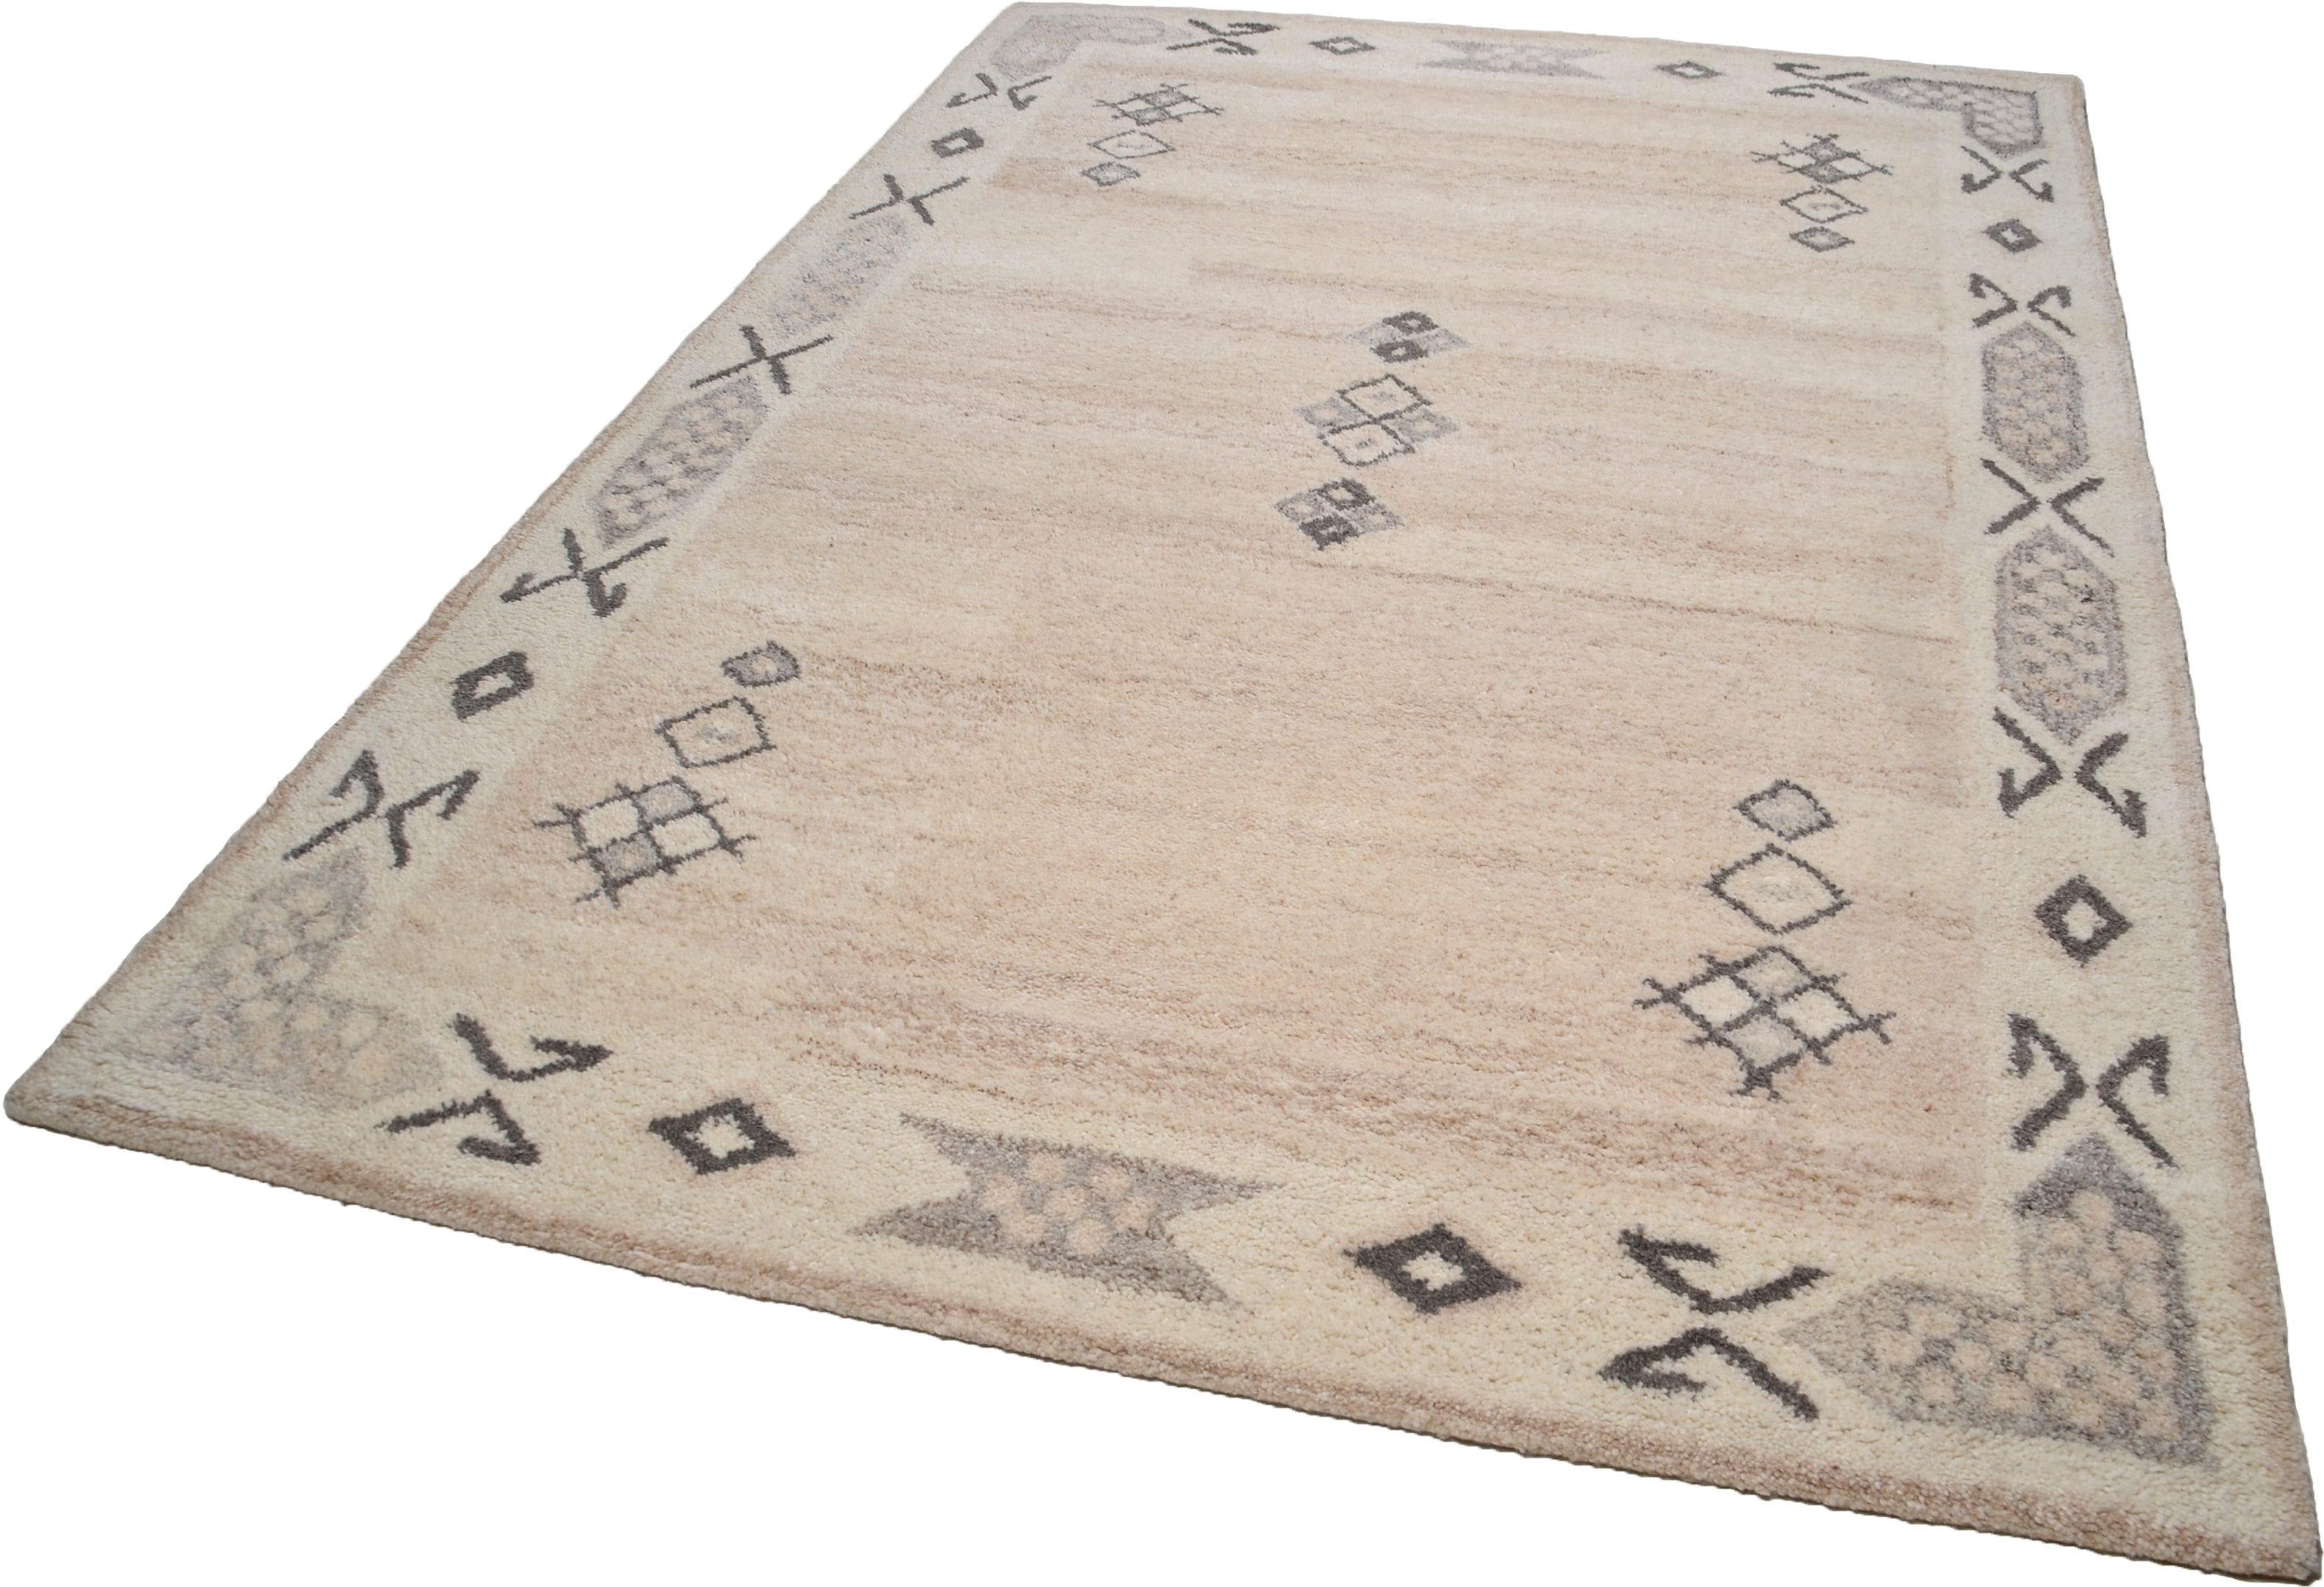 teppich royal berber theko rechteckig h he 18 mm. Black Bedroom Furniture Sets. Home Design Ideas